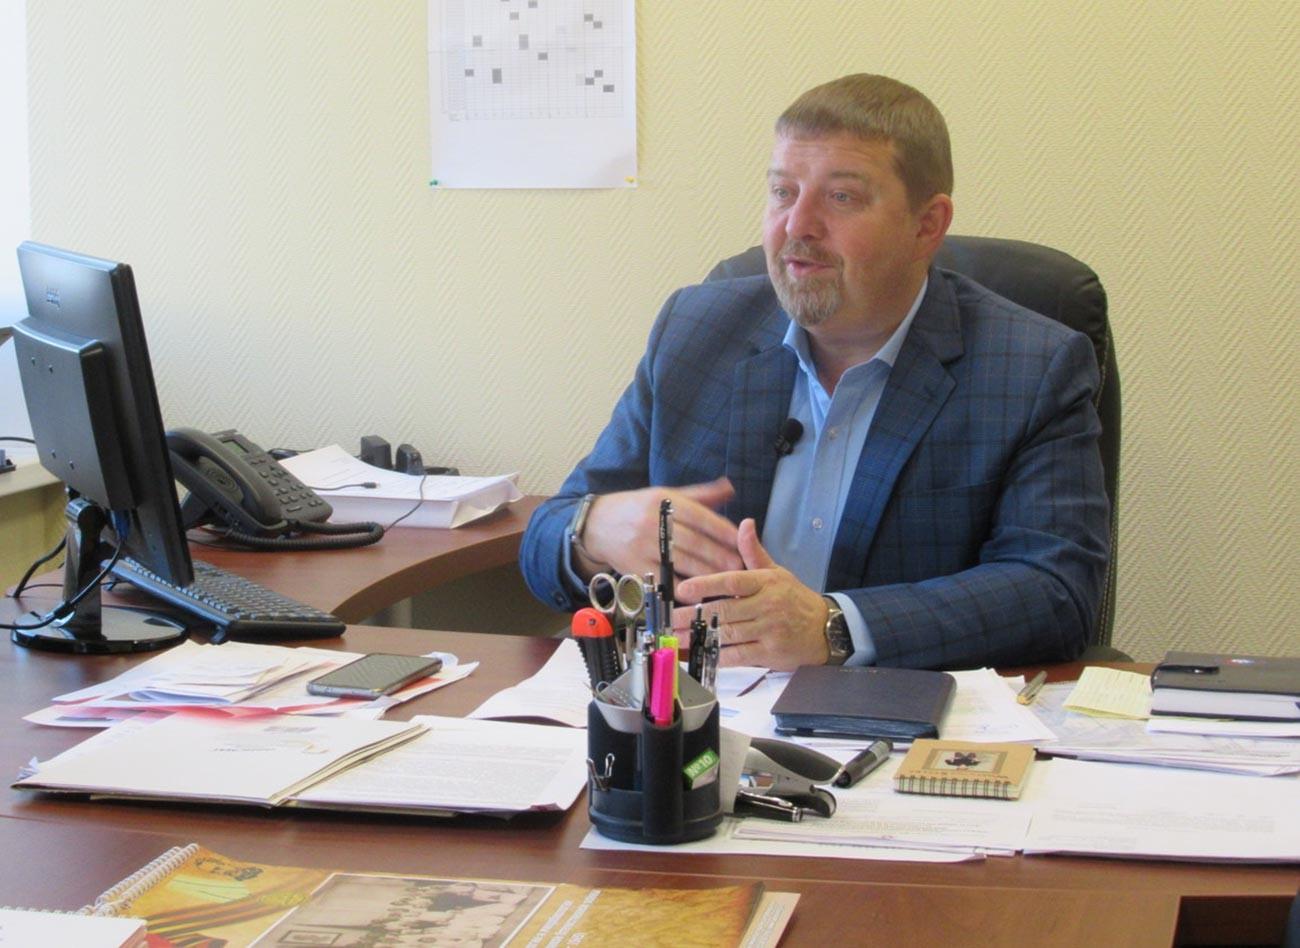 Aleksandr Semyonov